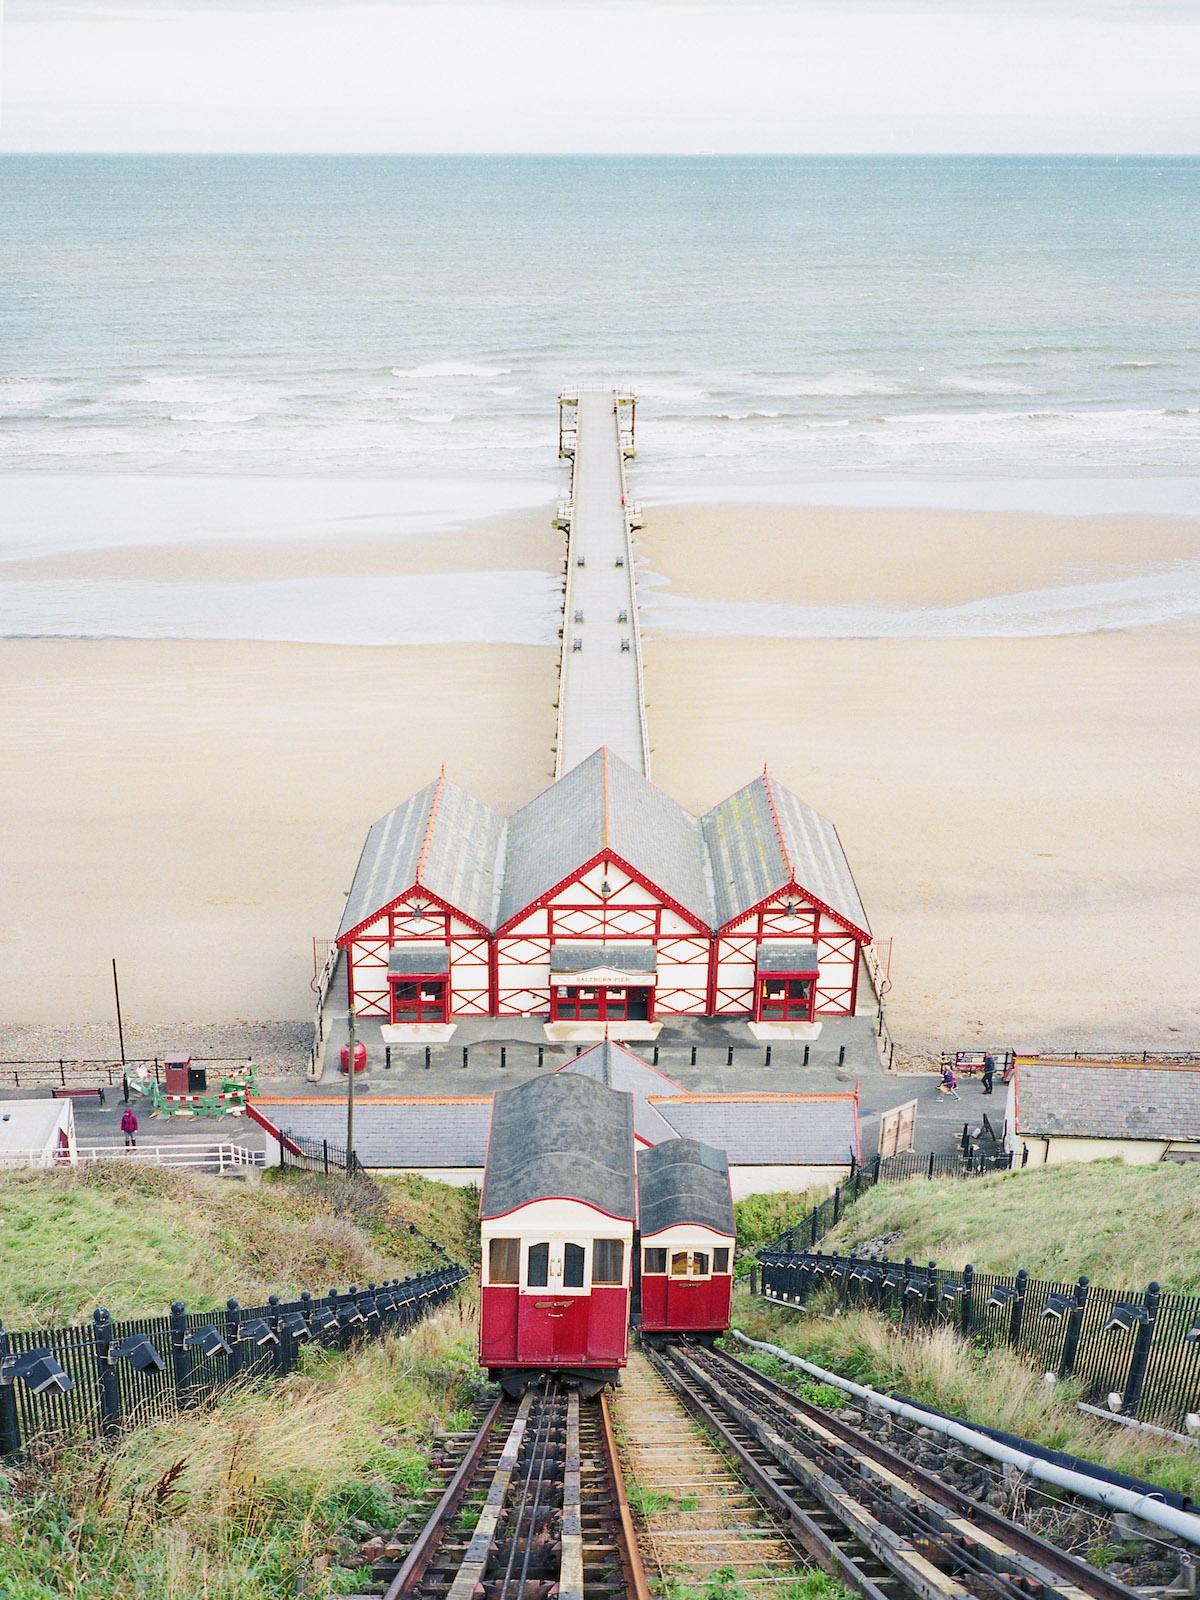 Photographie de voyage par Frank Lassak de la plage et de la jetée de Saltburn, Royaume-Uni